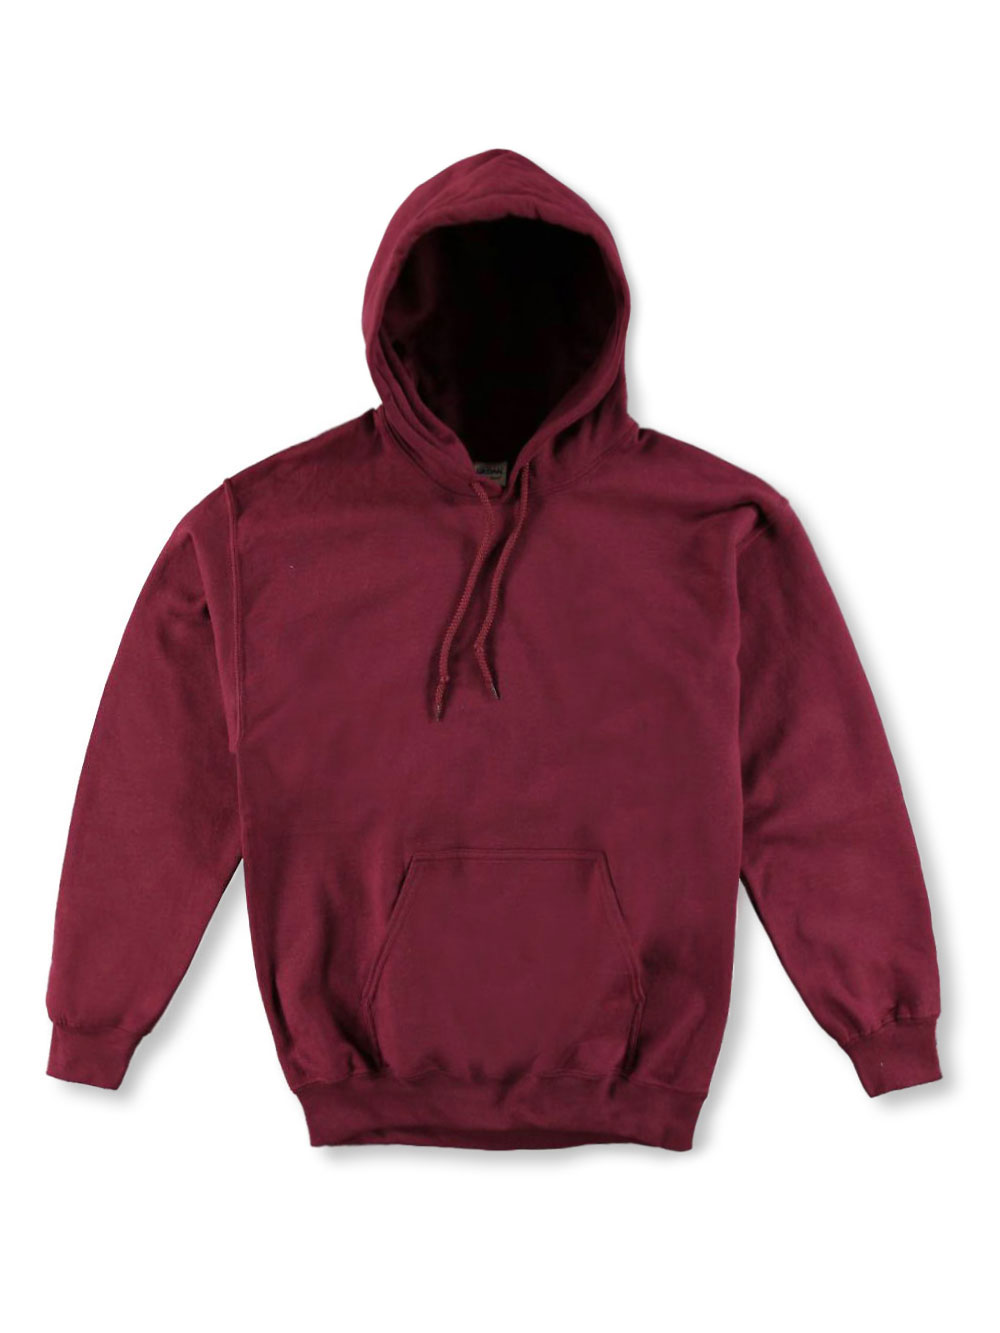 Image of Gildan Basic Fleece Hoodie Adult Sizes S  XL  burgundy m